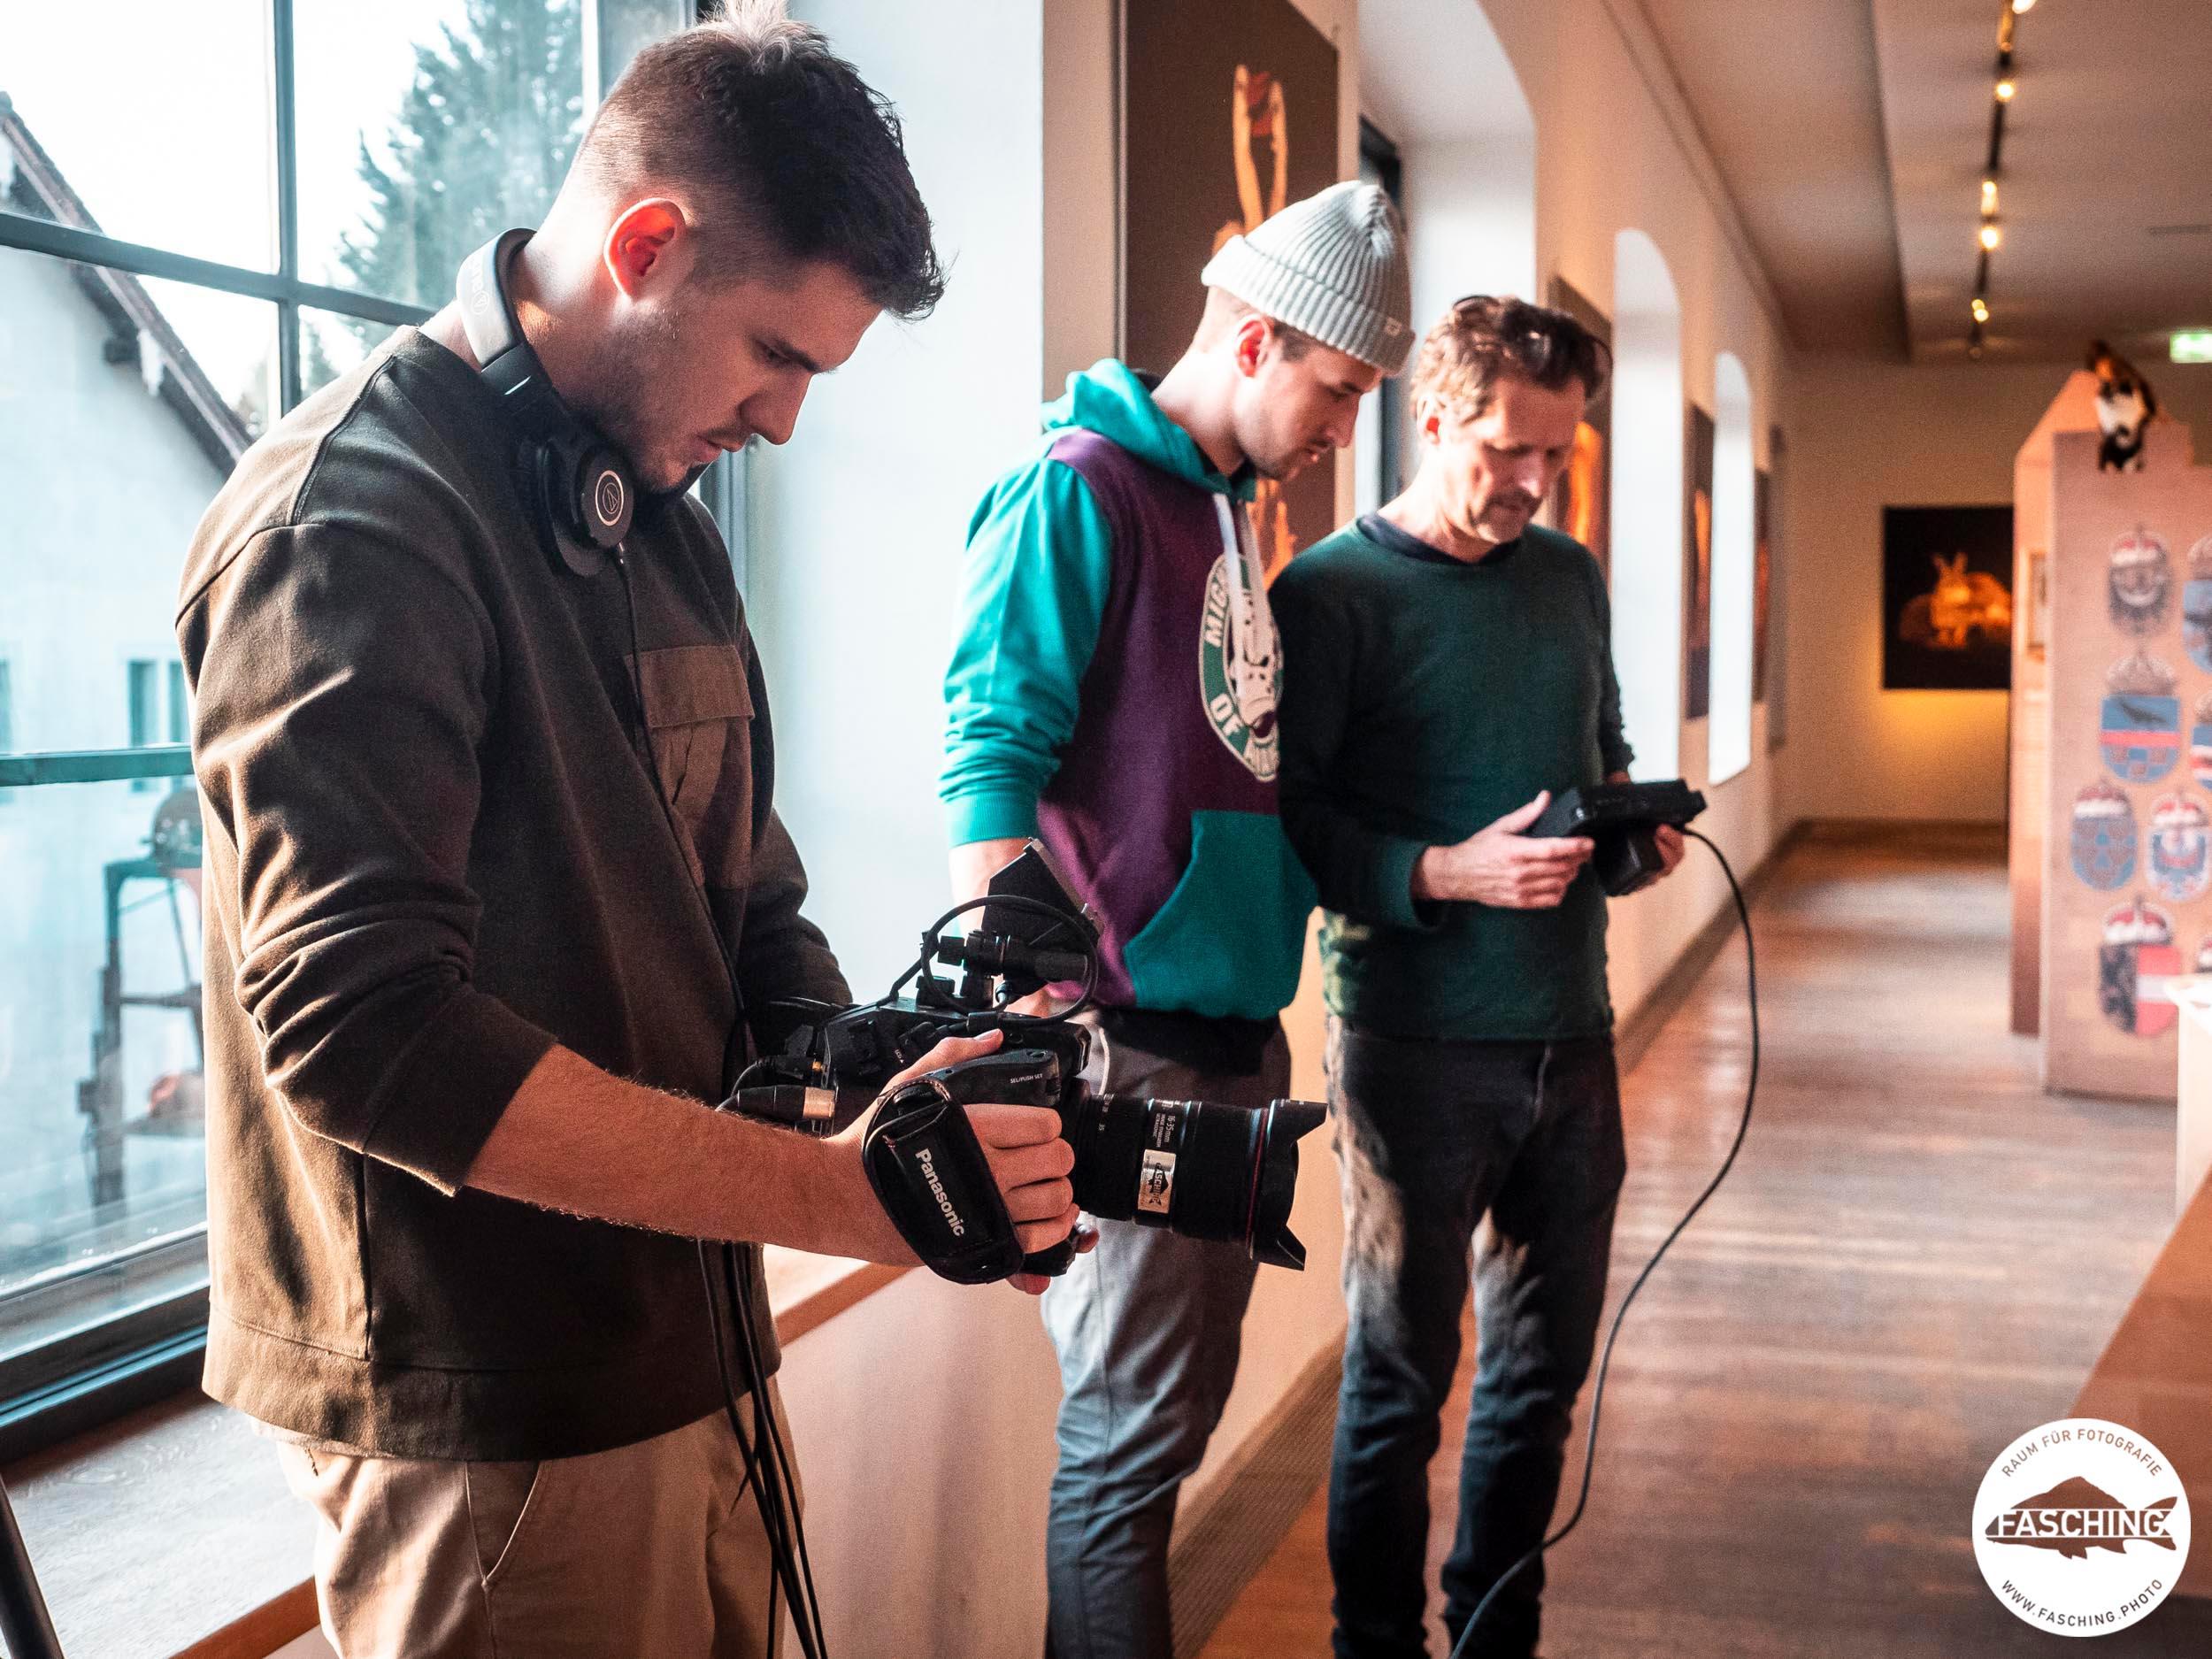 Filmaufnahmen für Videofilm 50000 in der Inatura in Dornbirn, Unternehmensfilm Fasching Bregenz